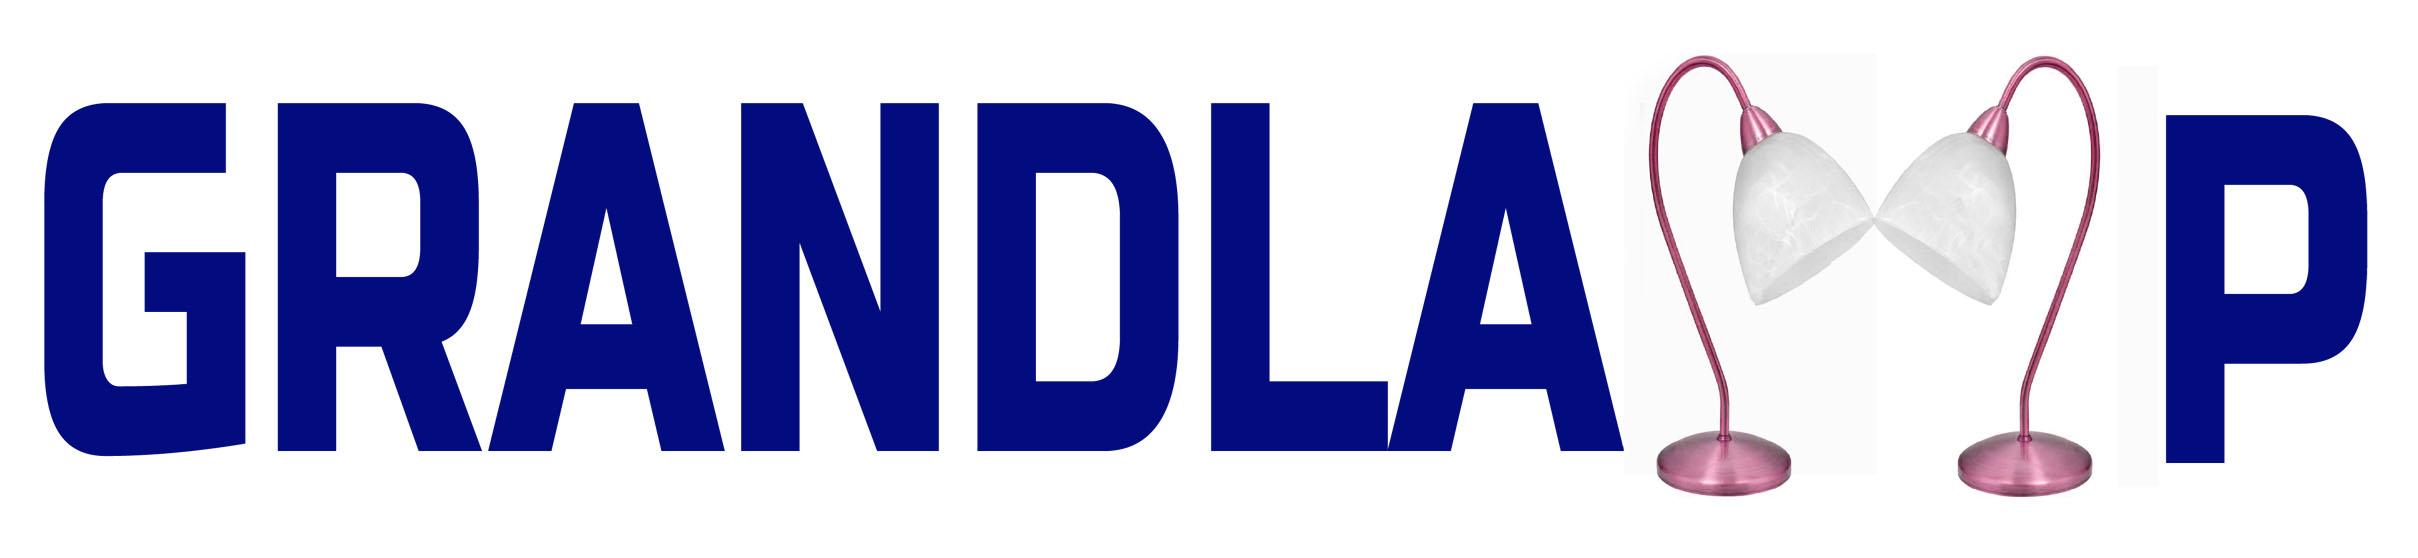 Разработка логотипа и элементов фирменного стиля фото f_13357e16b1e51029.jpg